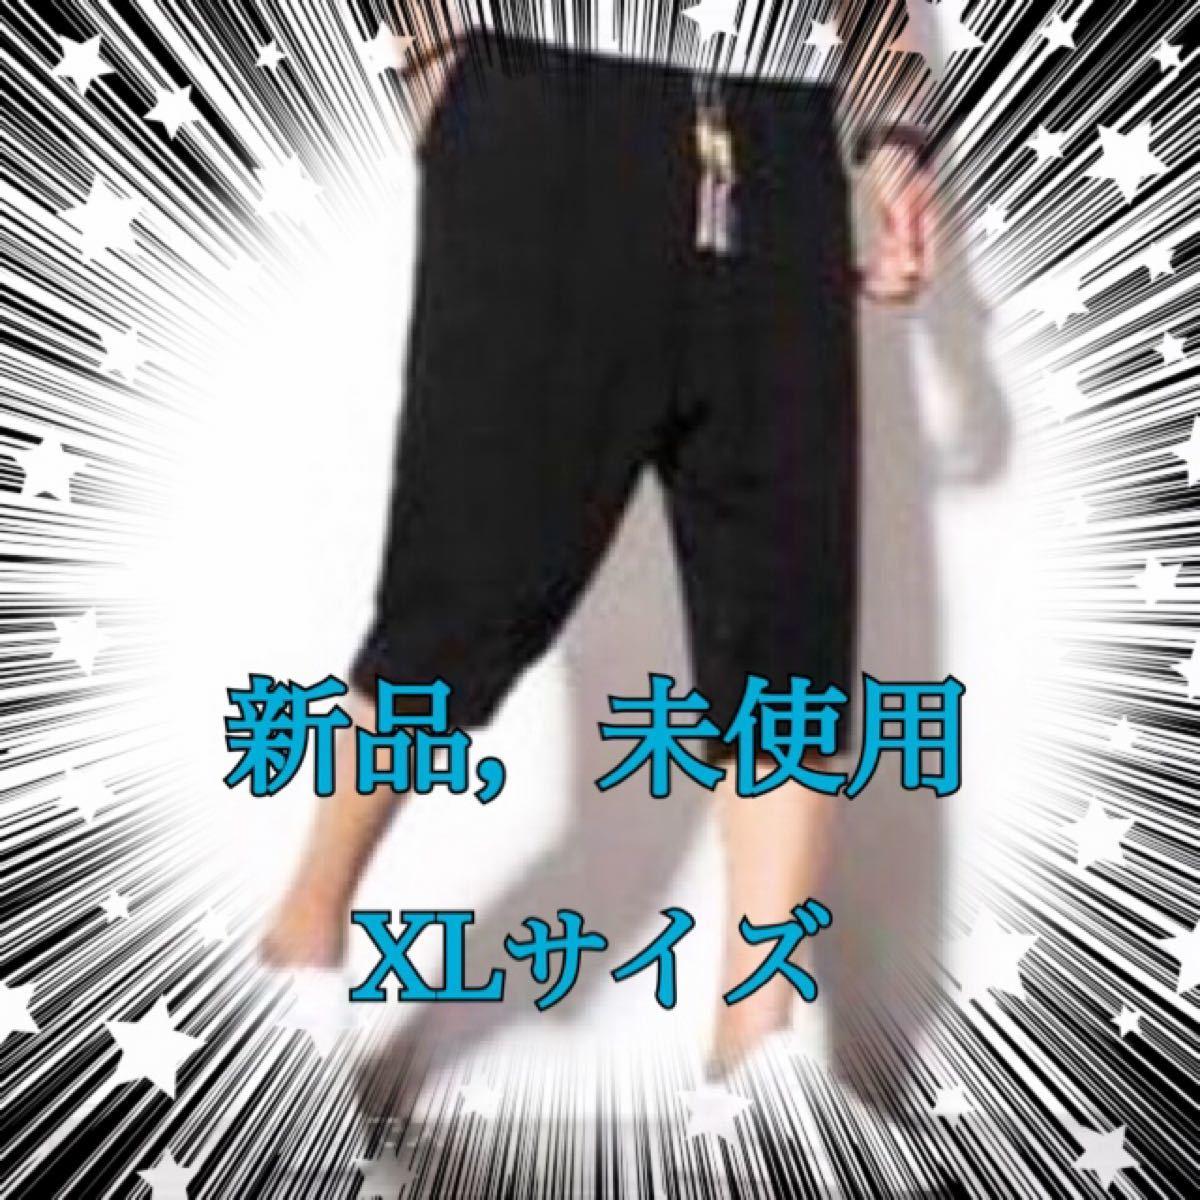 サルエルパンツ メンズ ハーフパンツ XLサイズ